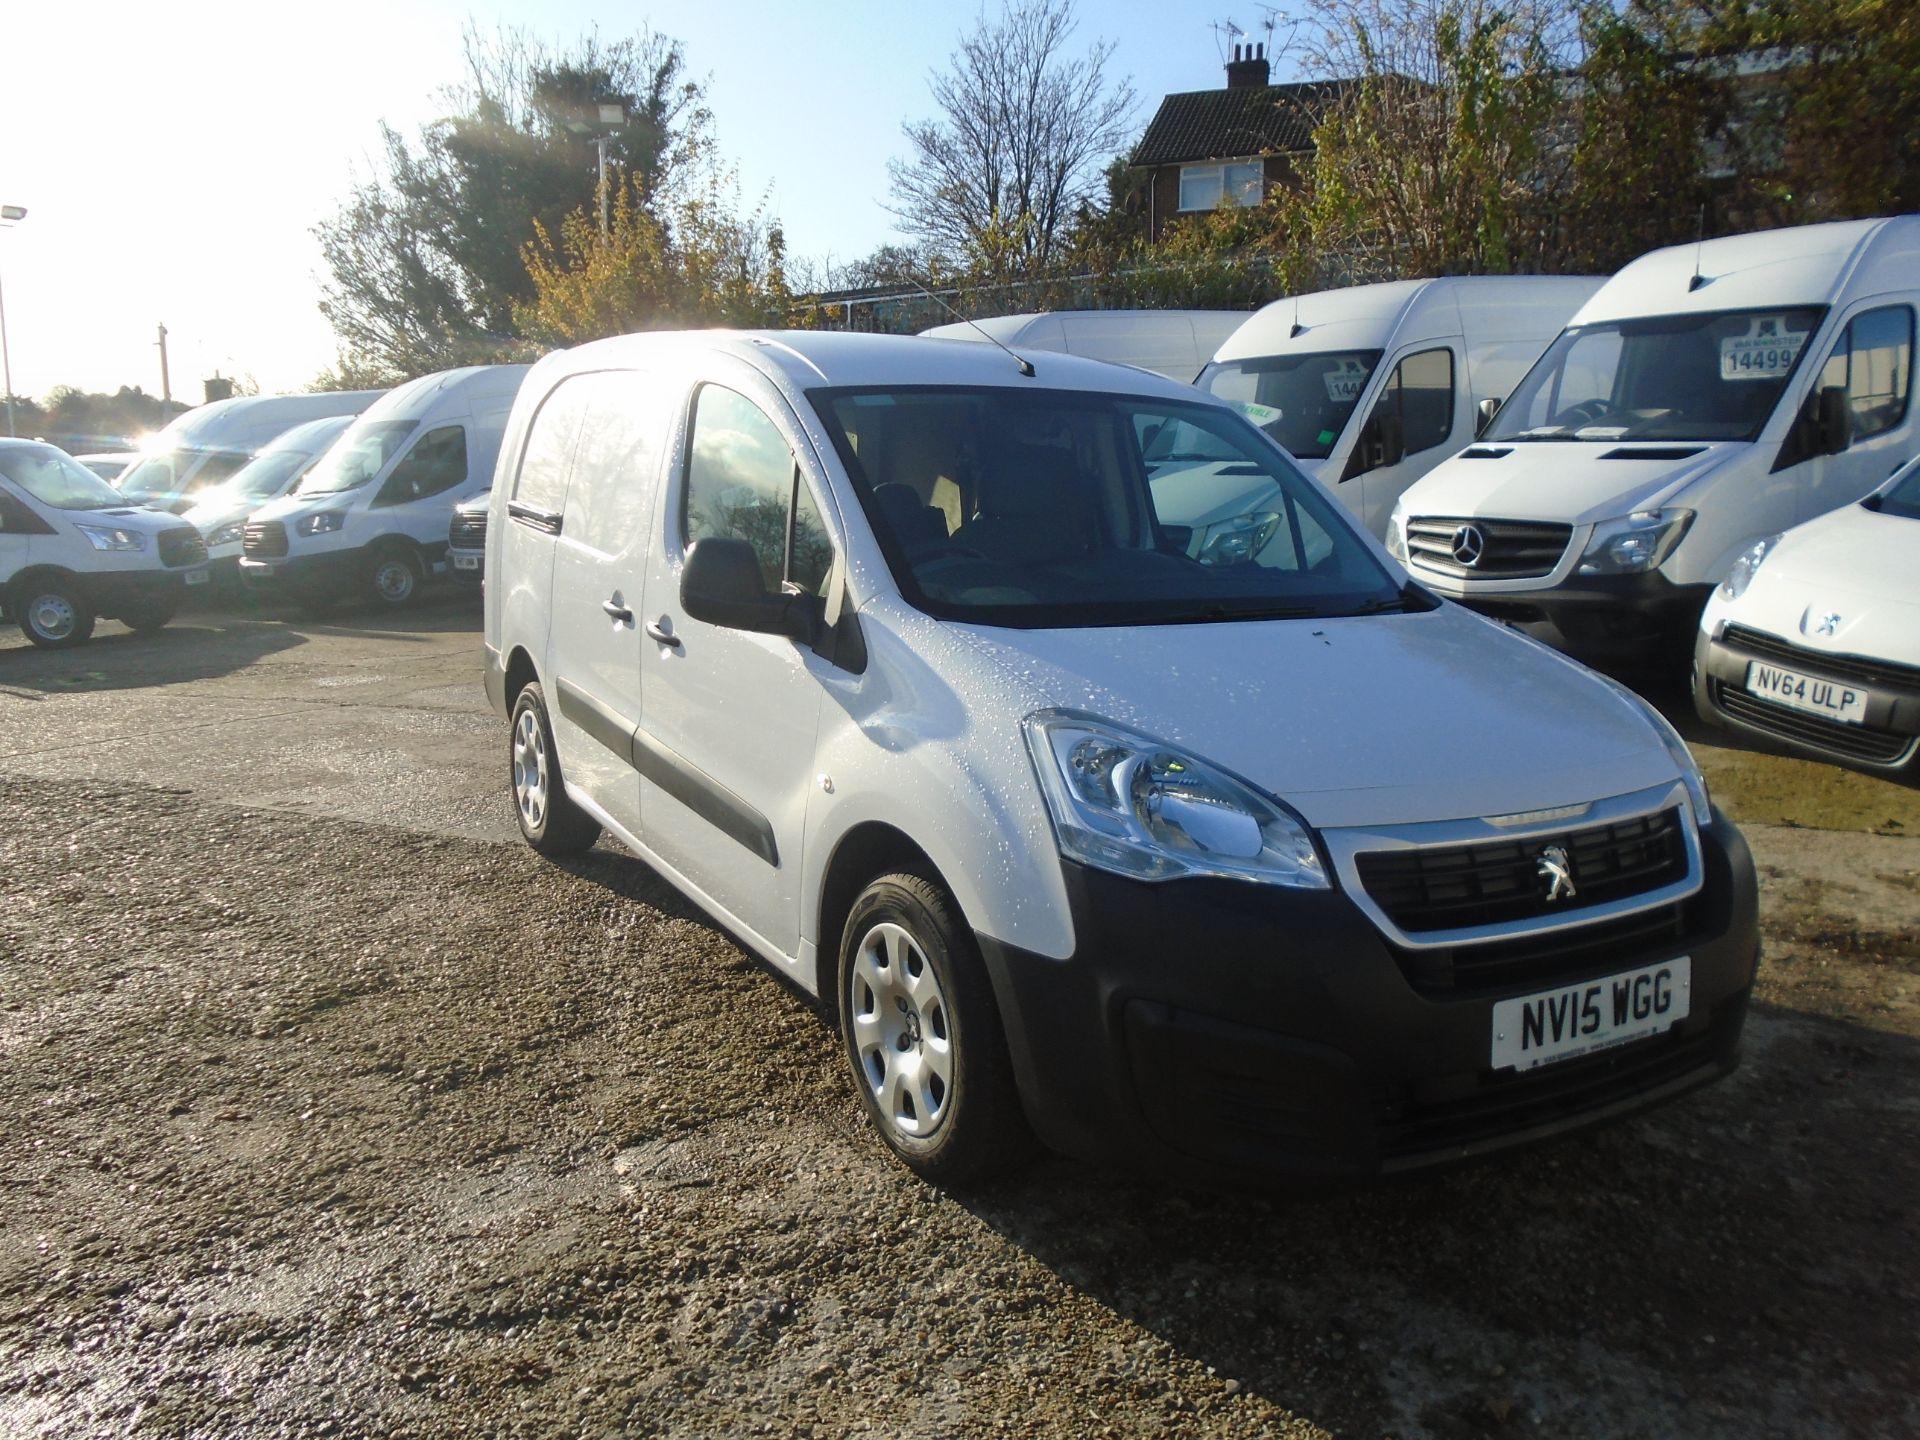 2015 Peugeot Partner 716 S 1.6 Hdi 92 Crew Van (NV15WGG)